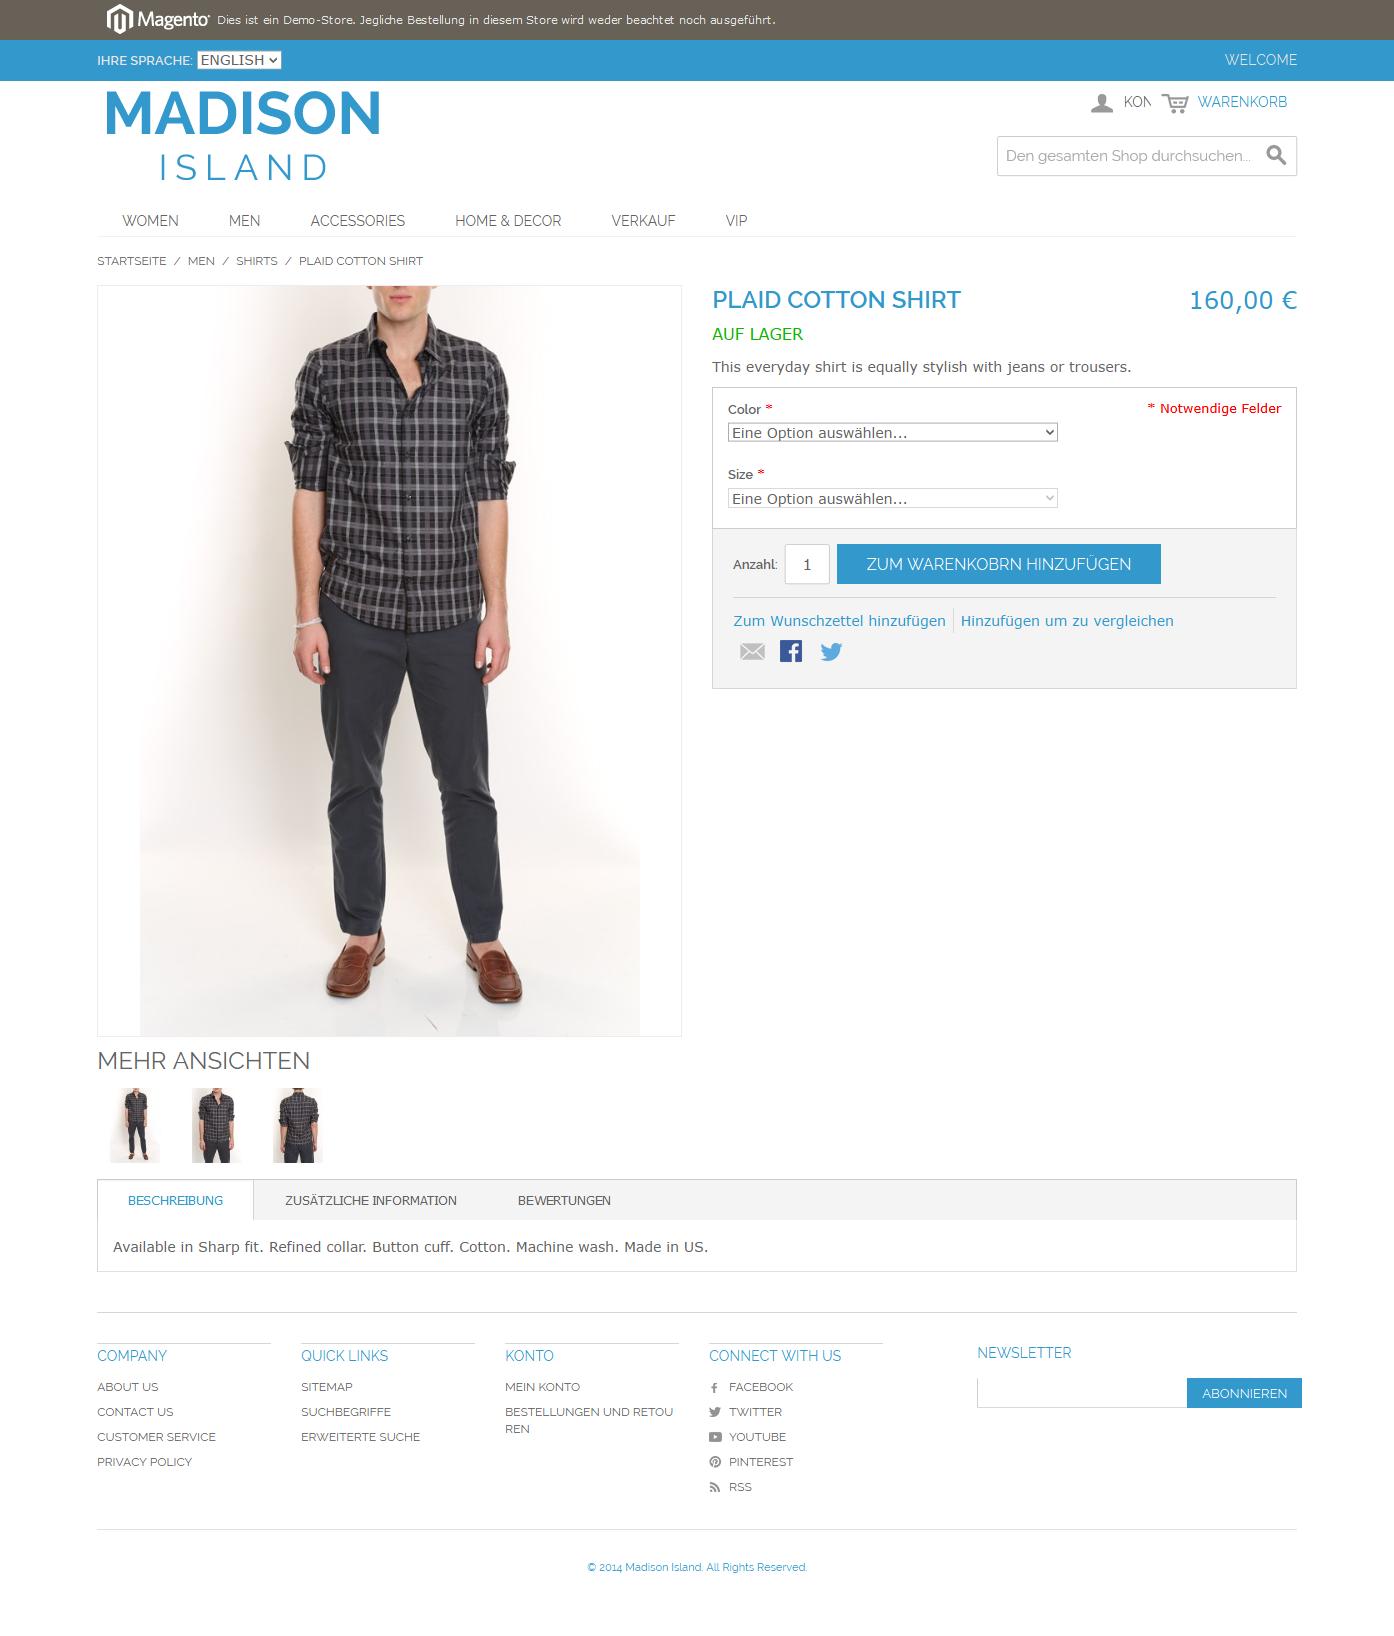 Magento Design | Rwd So Setzen Sie Das Neue Responsive Theme In Magento 1 9 Ein